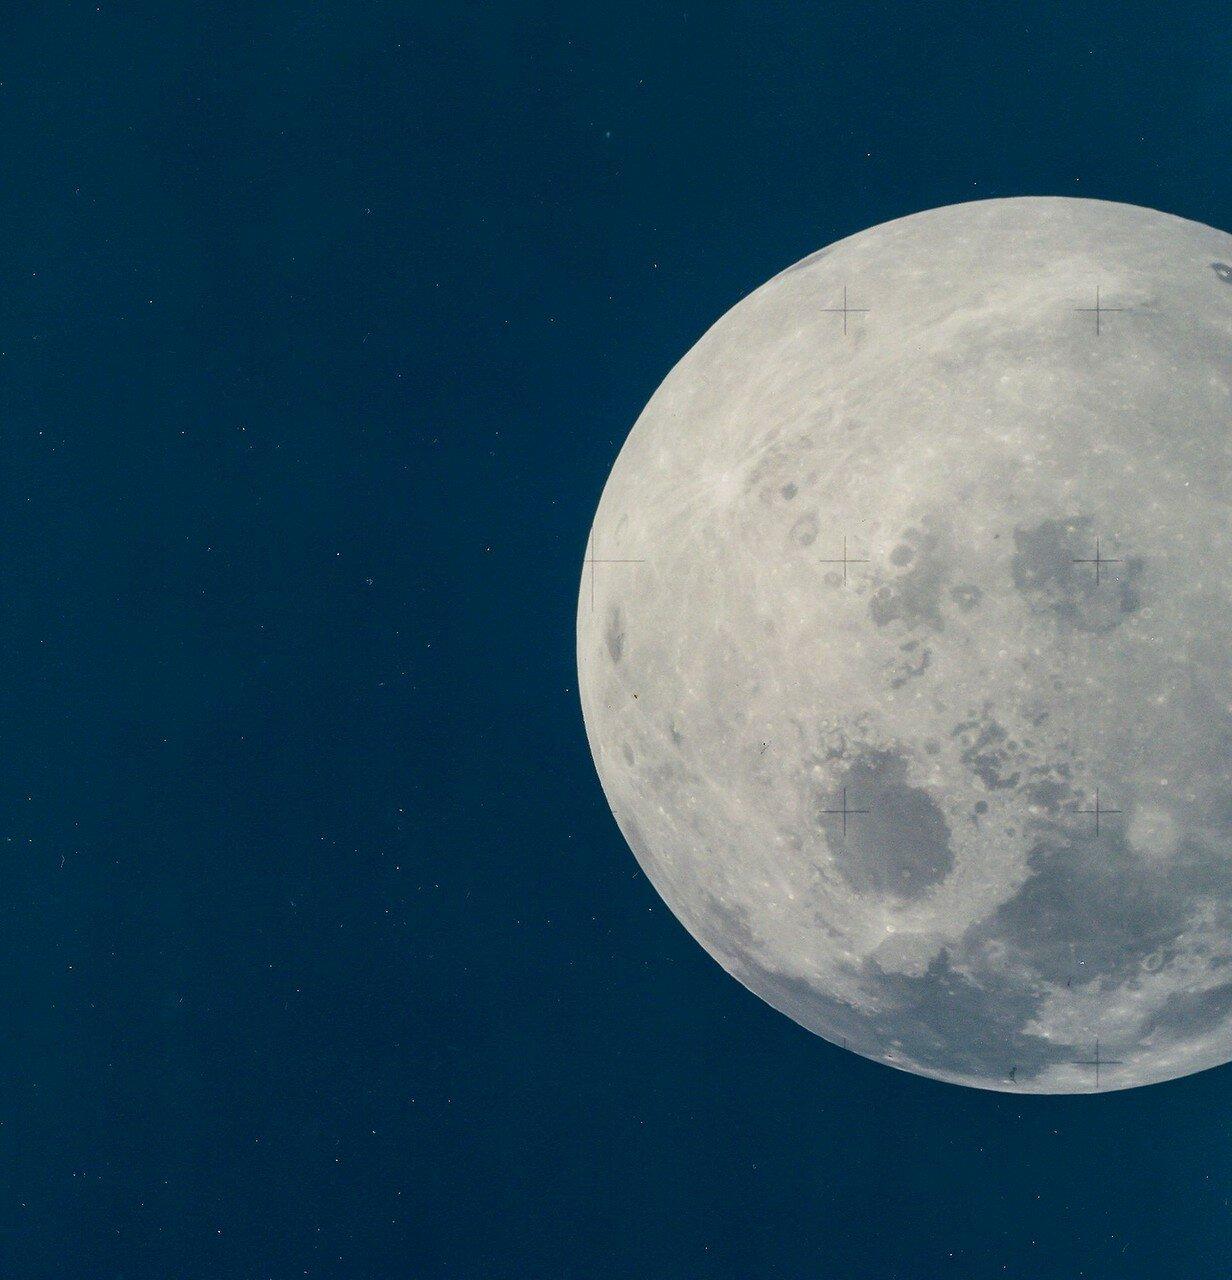 Первые проблемы с оборудованием служебного модуля начались утром, на третьи сутки полёта, в 47:00:07 полетного времени. Полная Луна